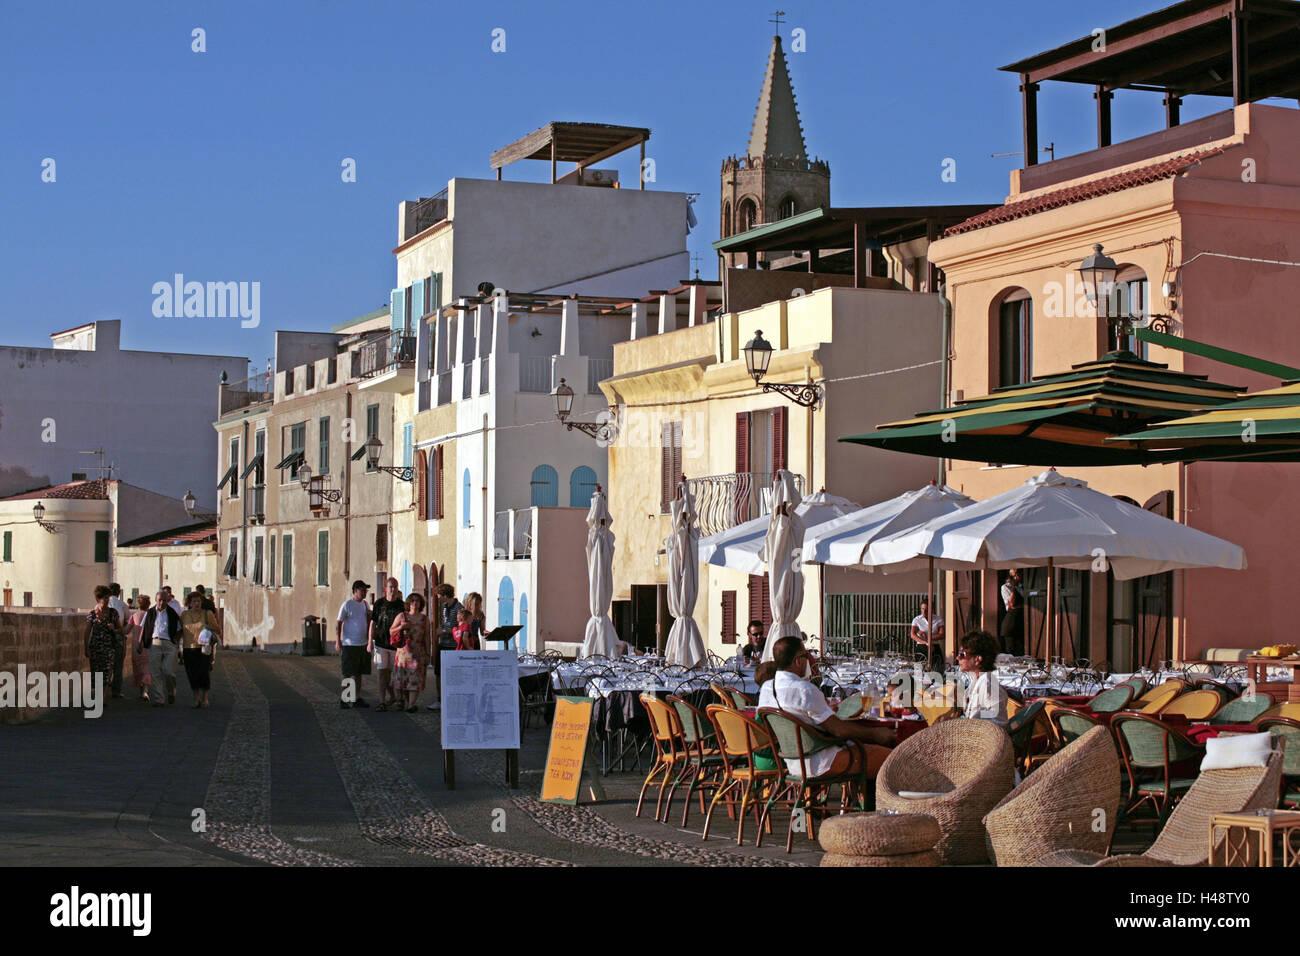 ... Tourist, Kein Model Release, Insel, Ziel, Gebäude, Häuser, Architektur,  Wohnhäuser, Kirche, Kirchturm, Außerhalb Der Stadtmauer, Terrasse,  Gastronomie, ...